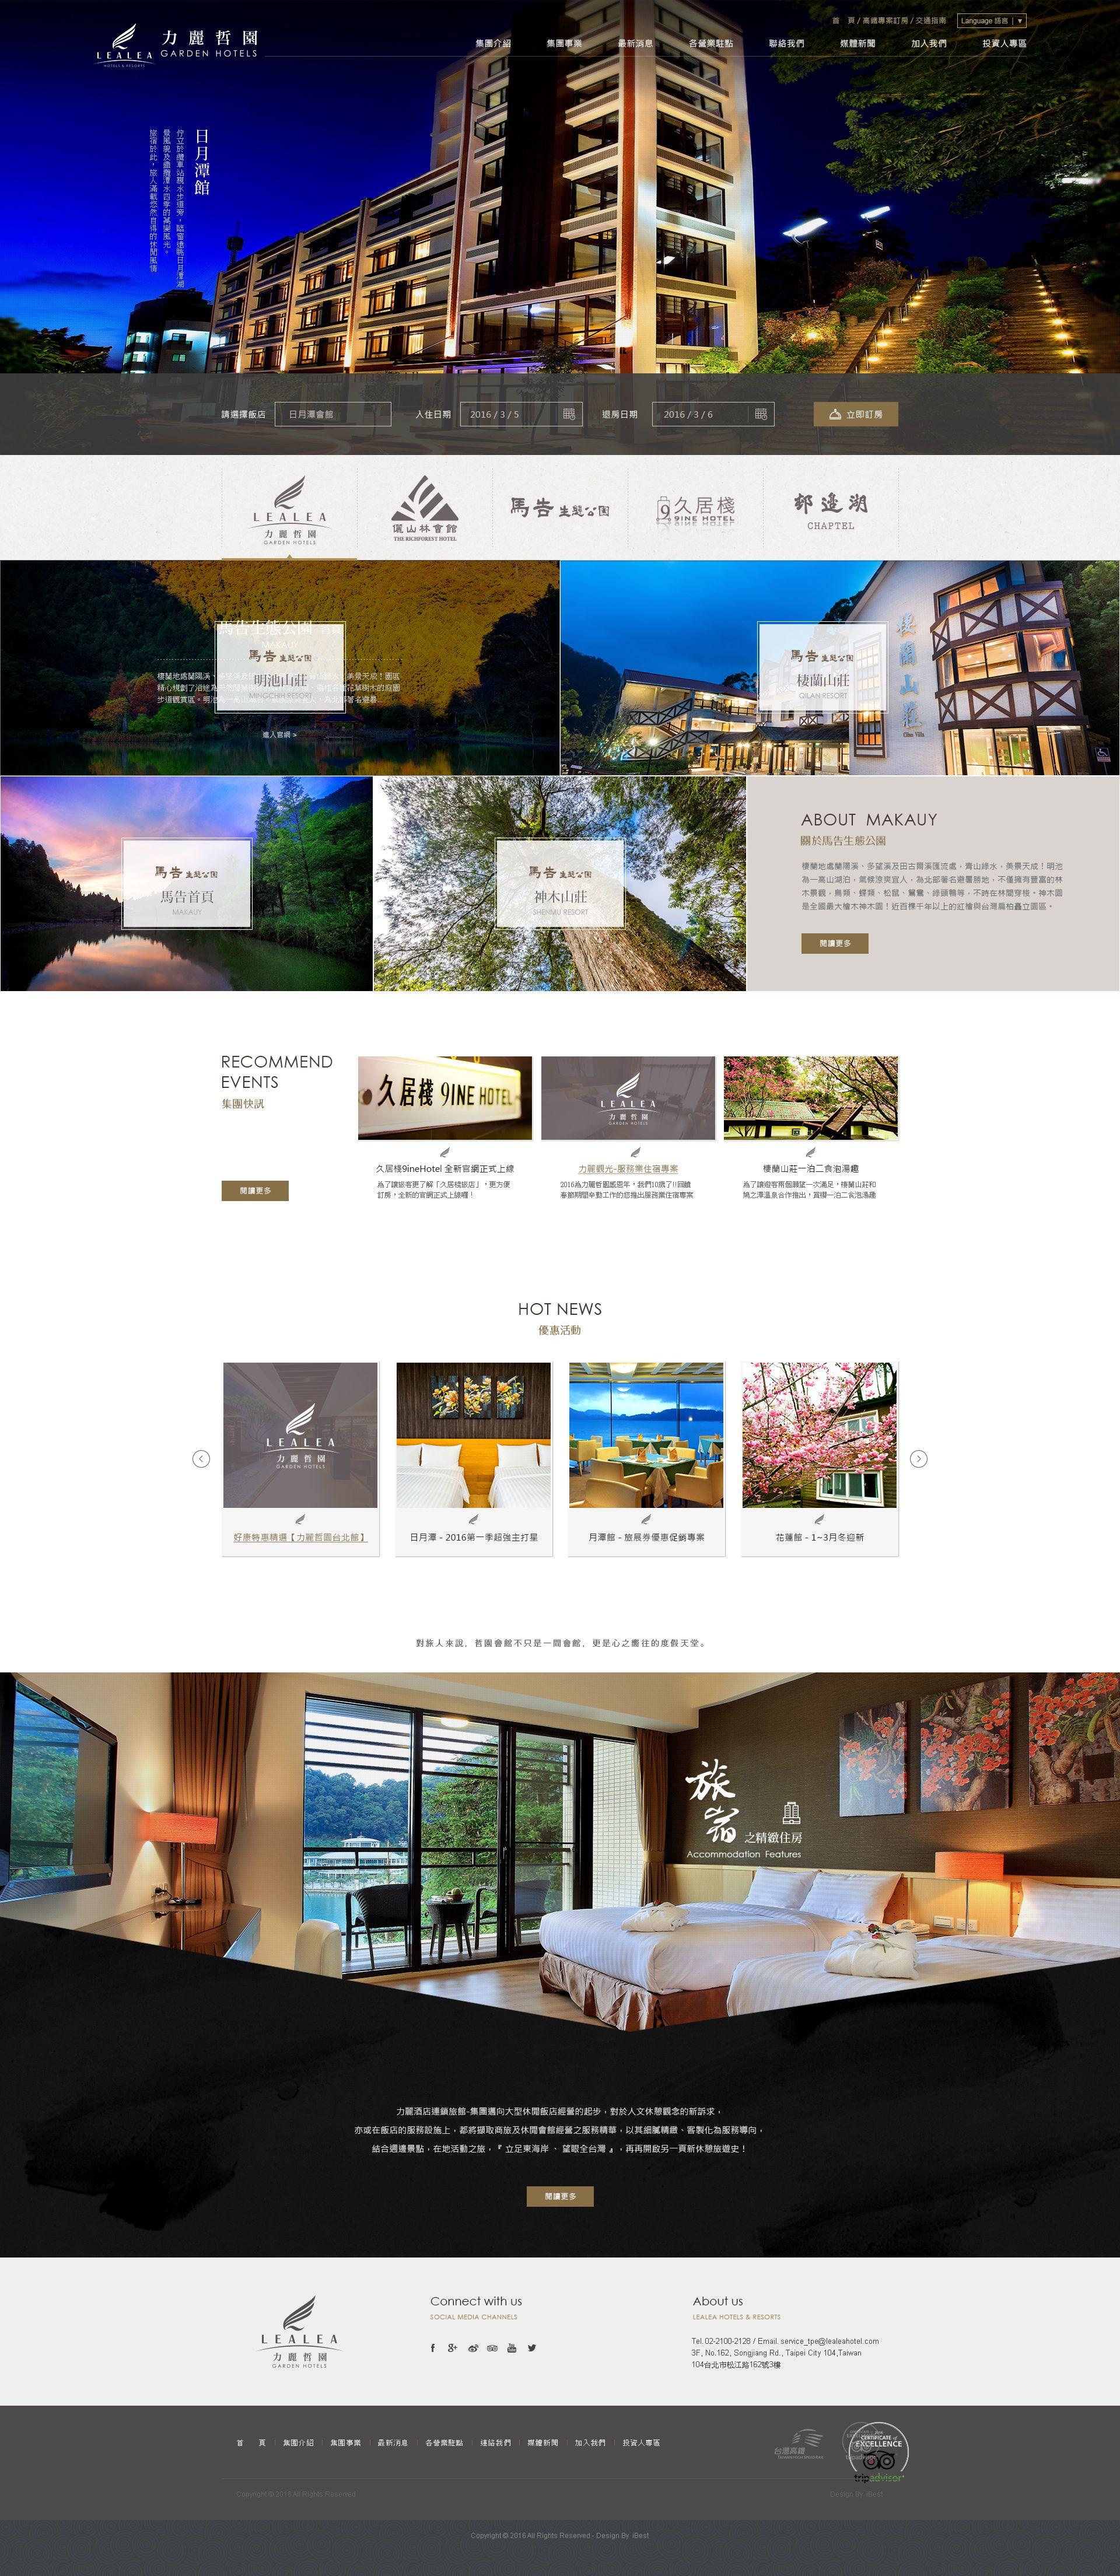 力麗觀光-網頁設計